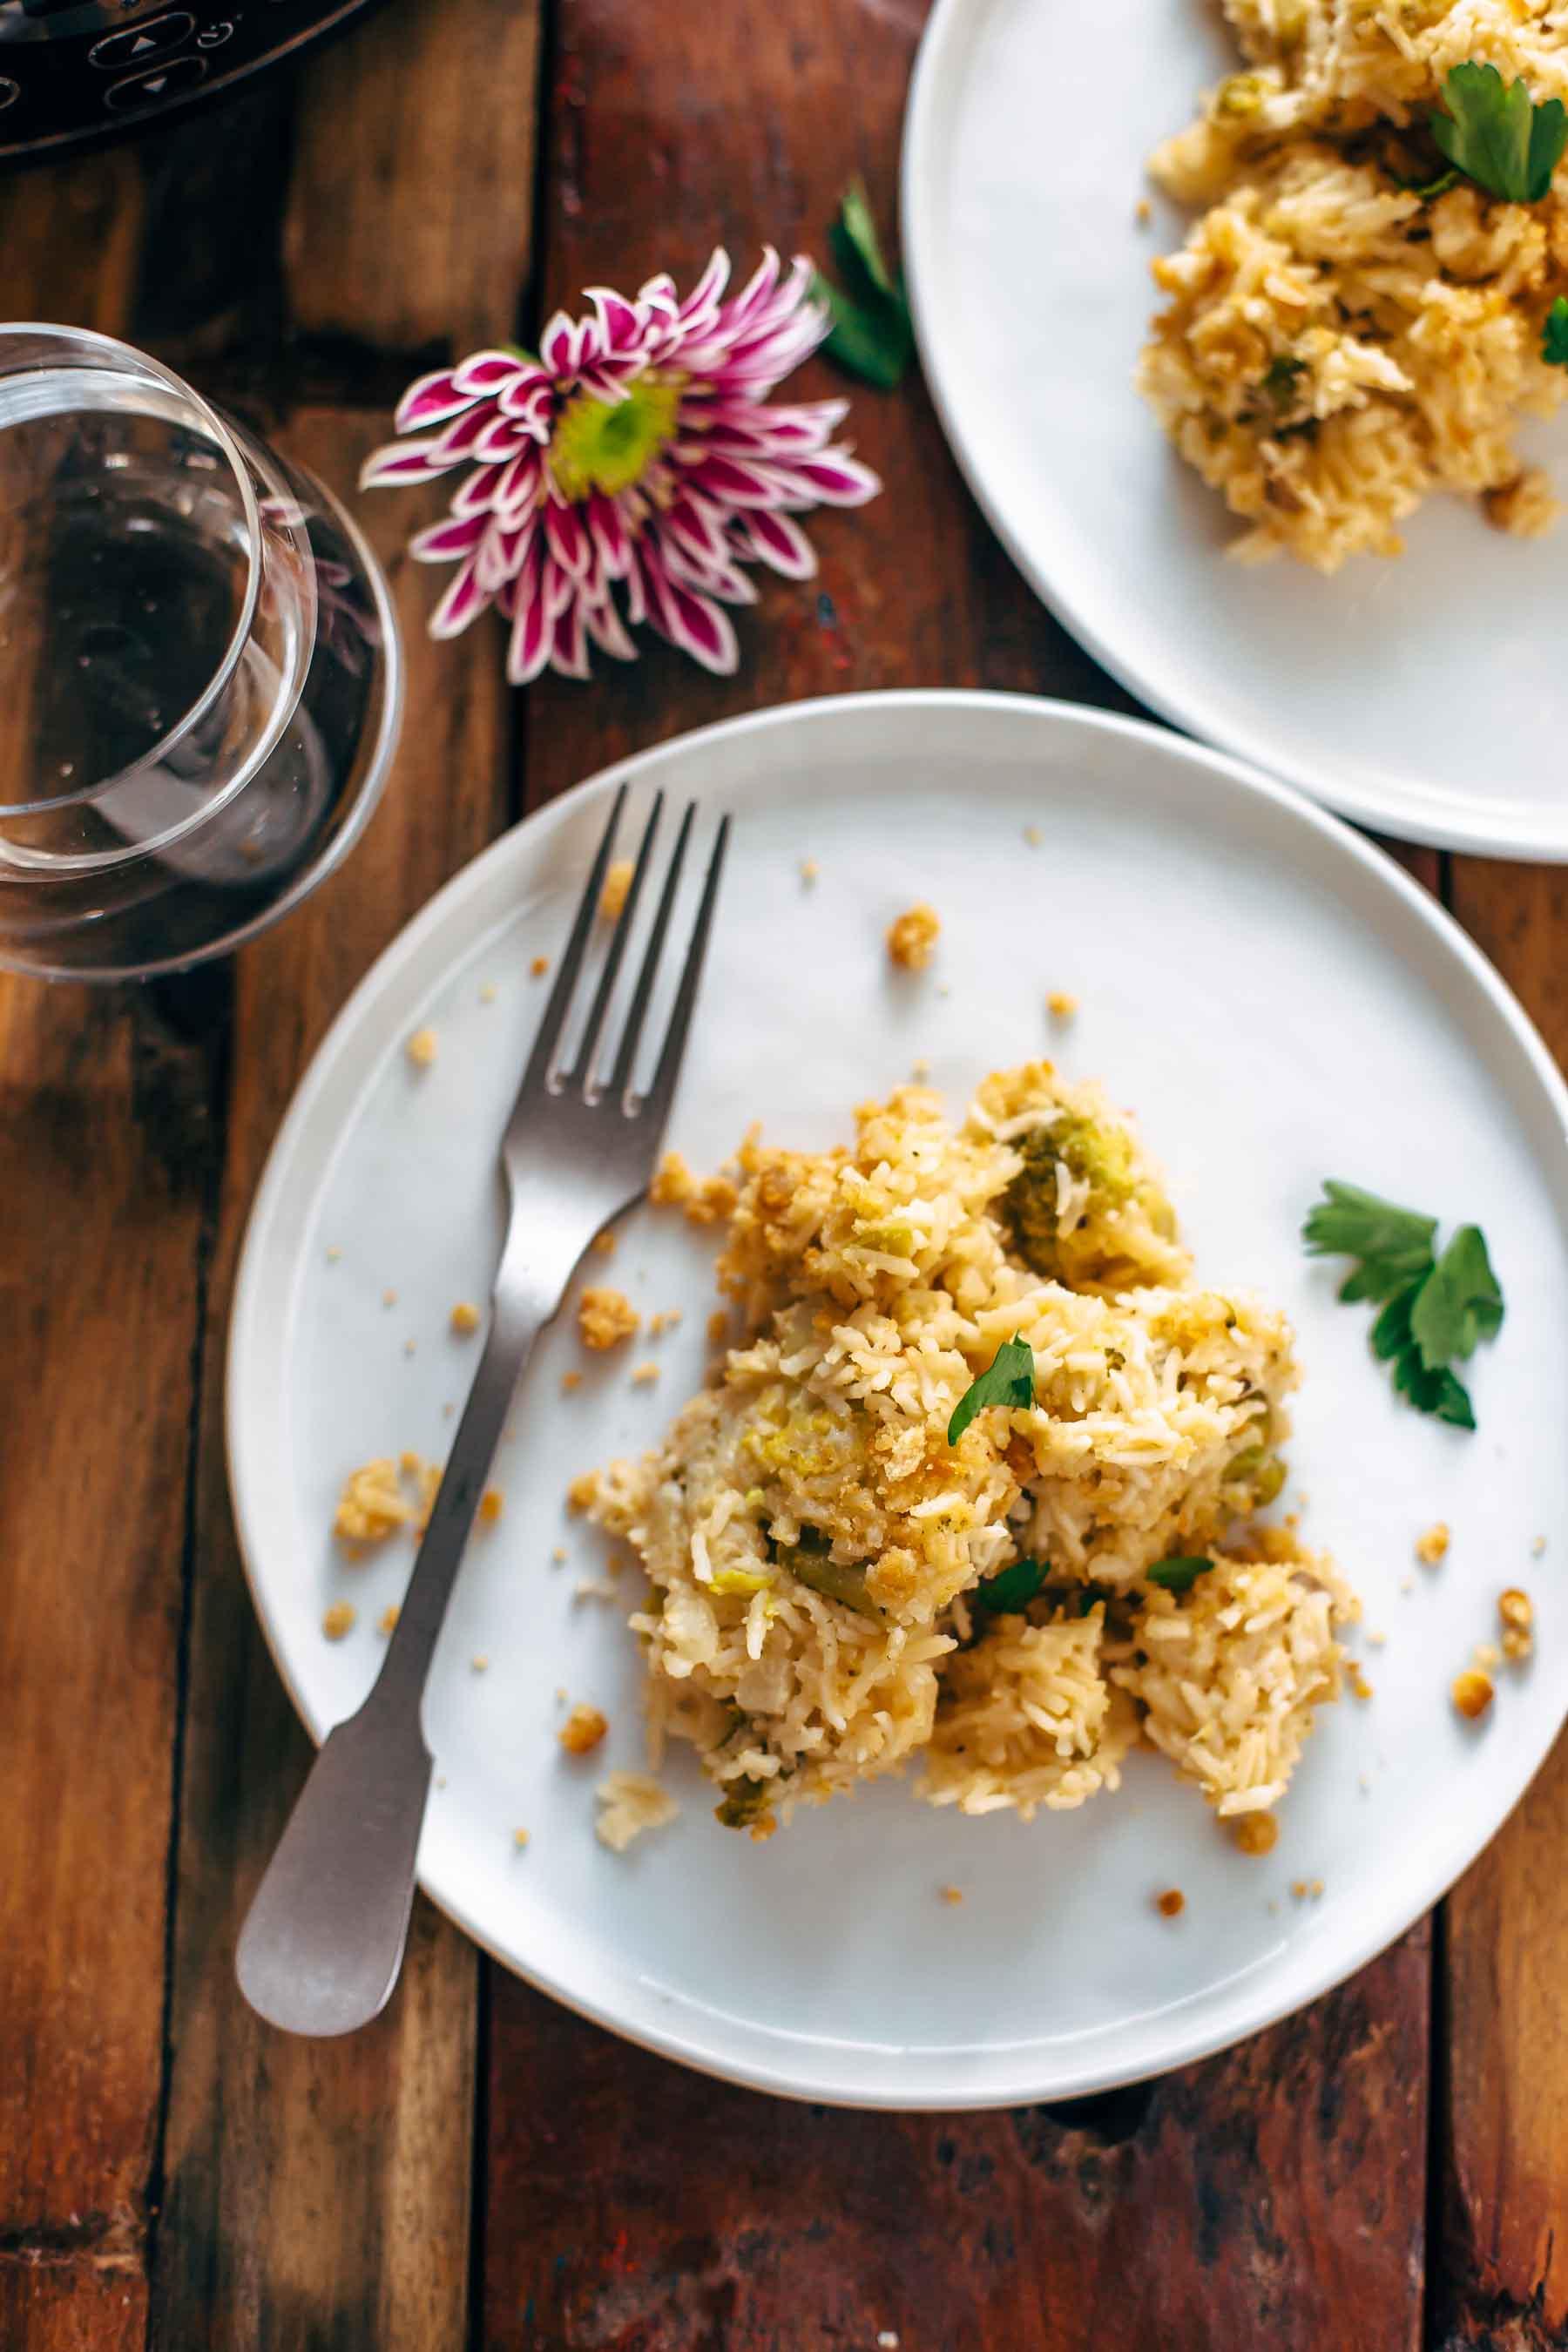 velveeta broccoli rice casserole on a plate